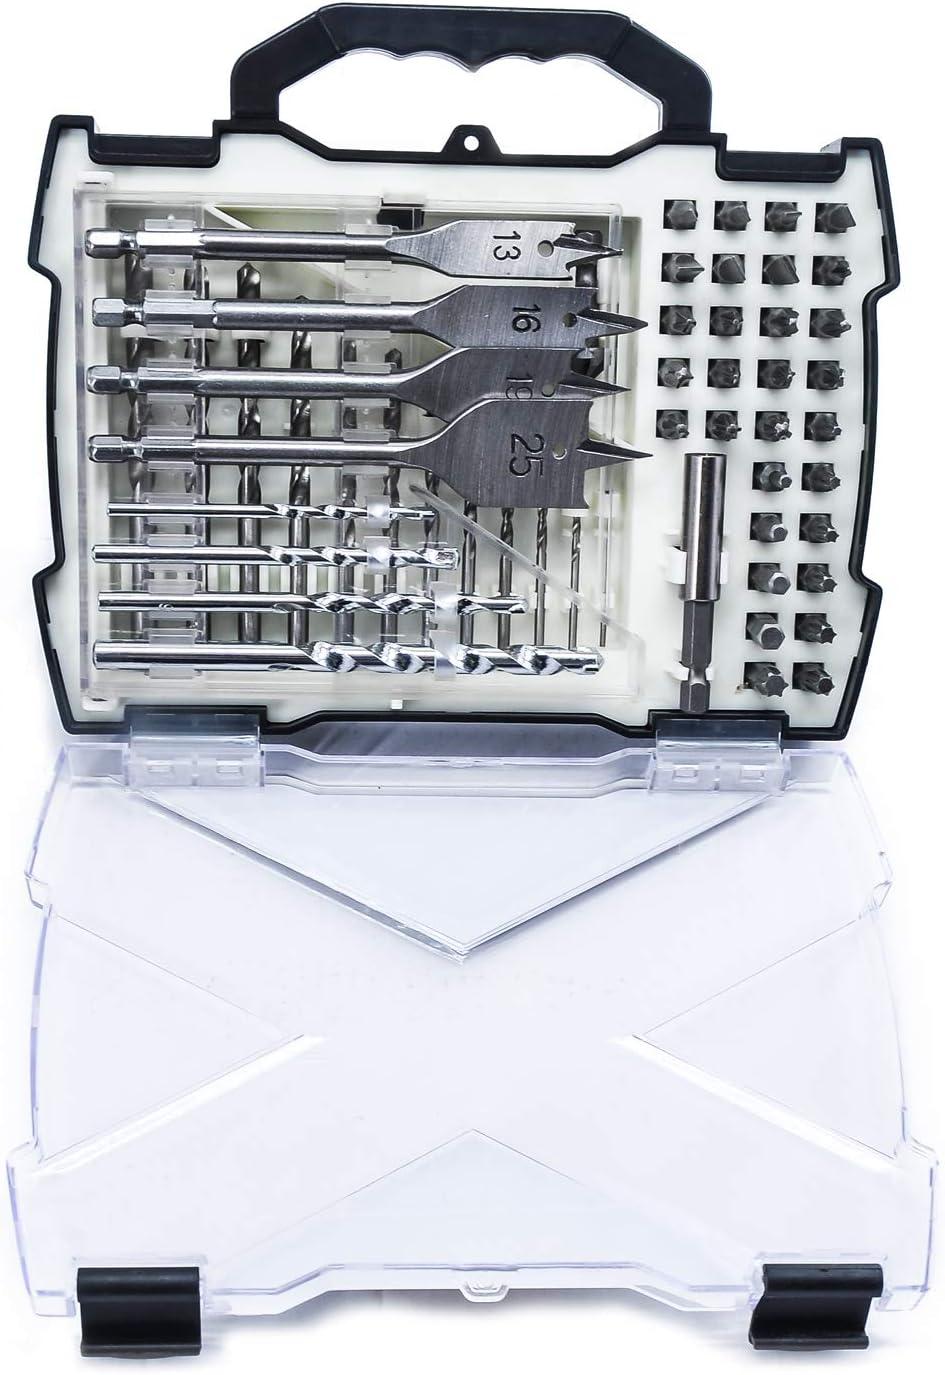 Powerland M01004 Ensemble de forets et tournevis 41pcs ensemble de forets combo dans une belle bo/îte en plastique